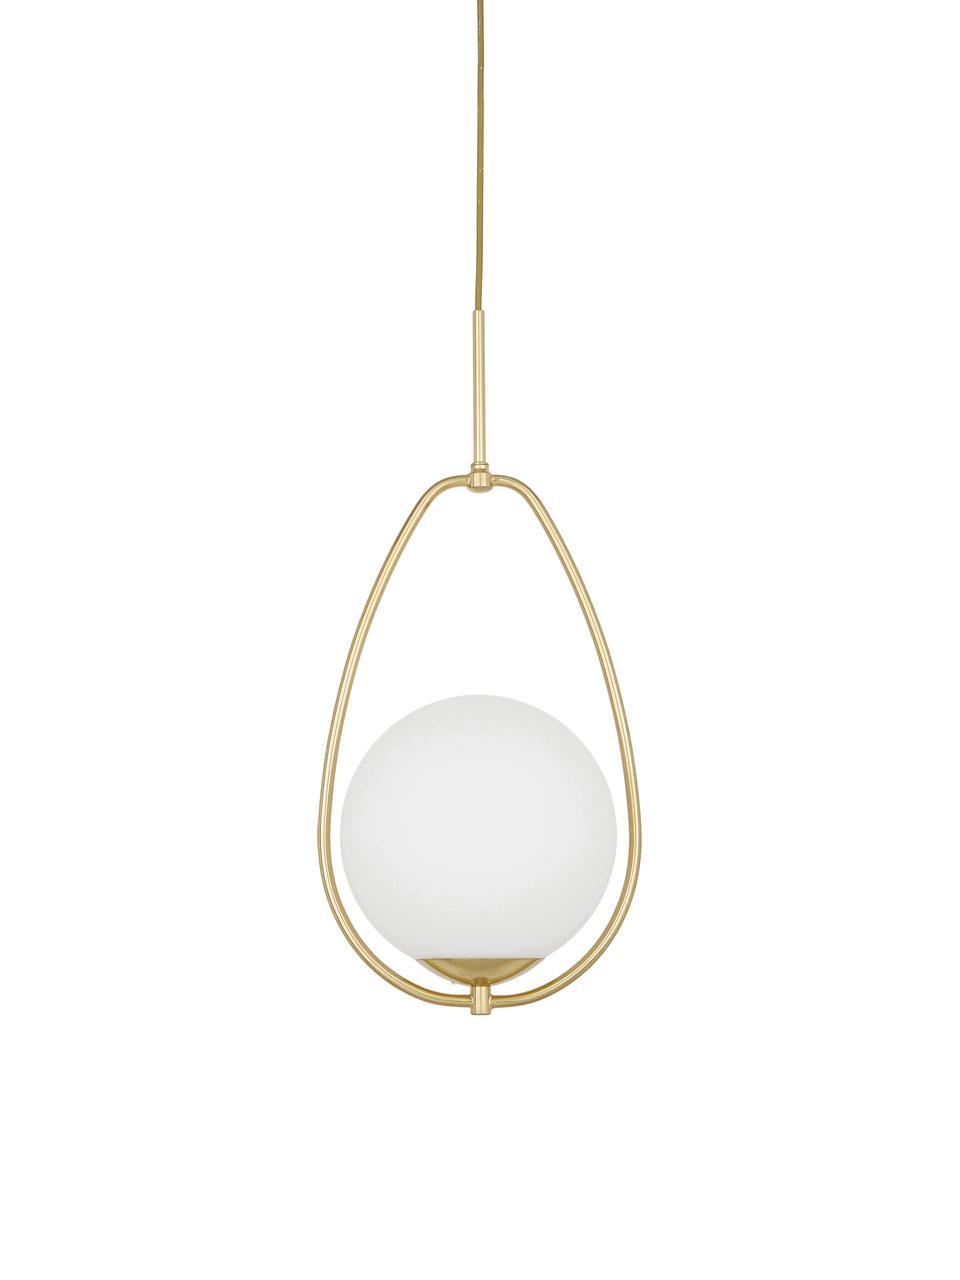 Malé závěsné svítidlo z opálového skla Avalon, Bílá, zlatá